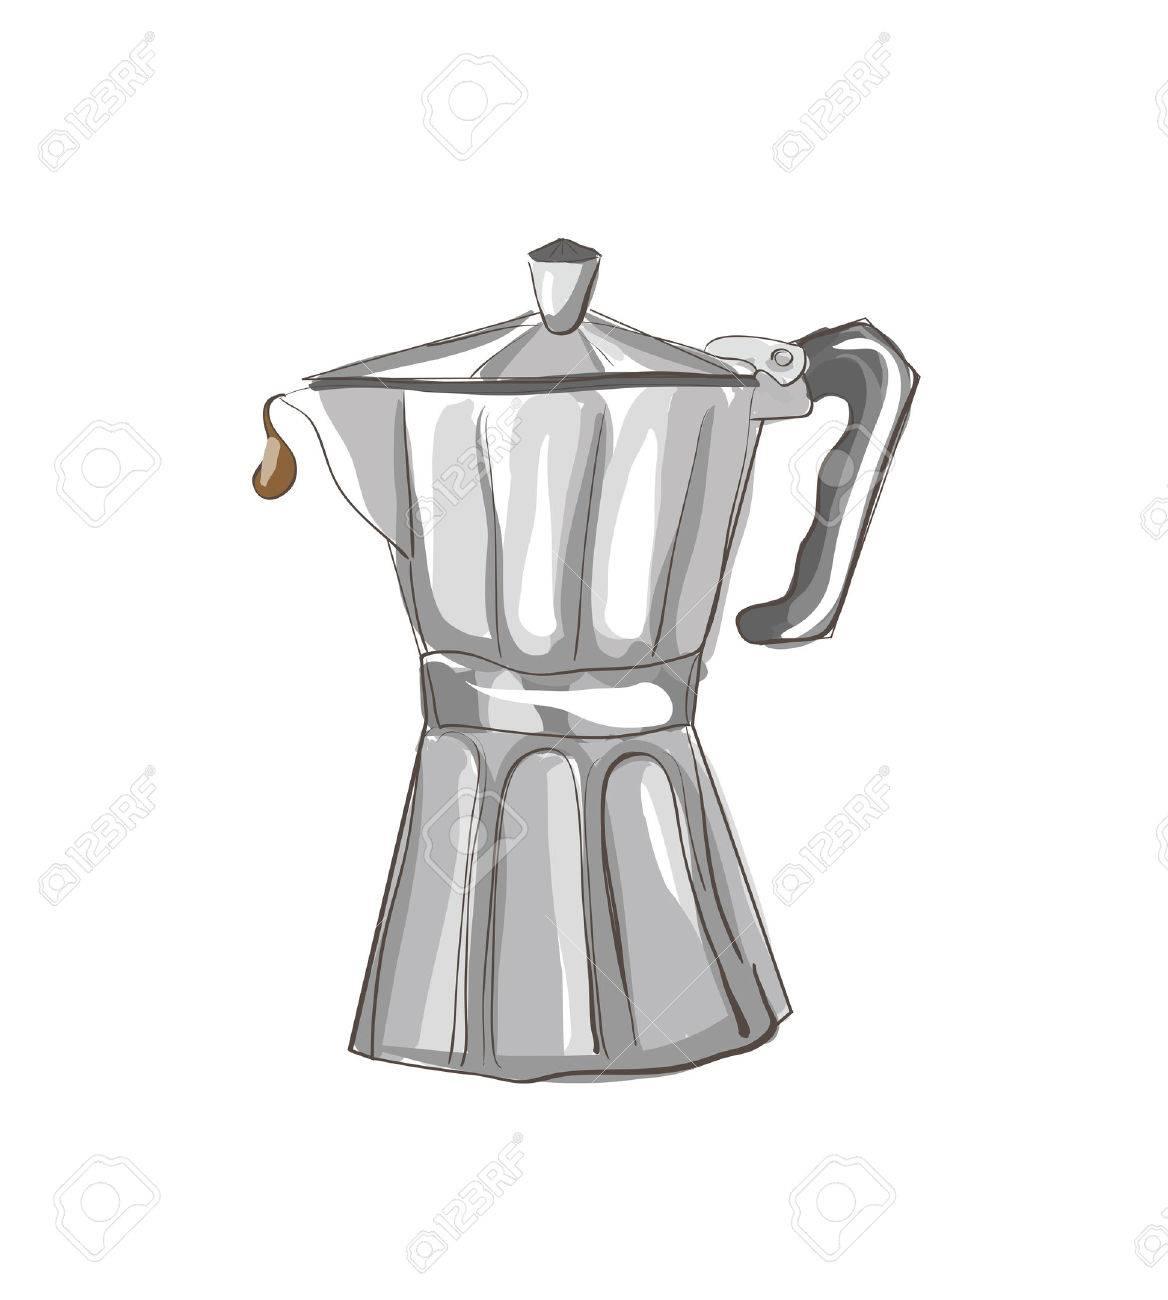 Dibujo de cafetera italiana. Imágenes prediseñadas, Ilustración.